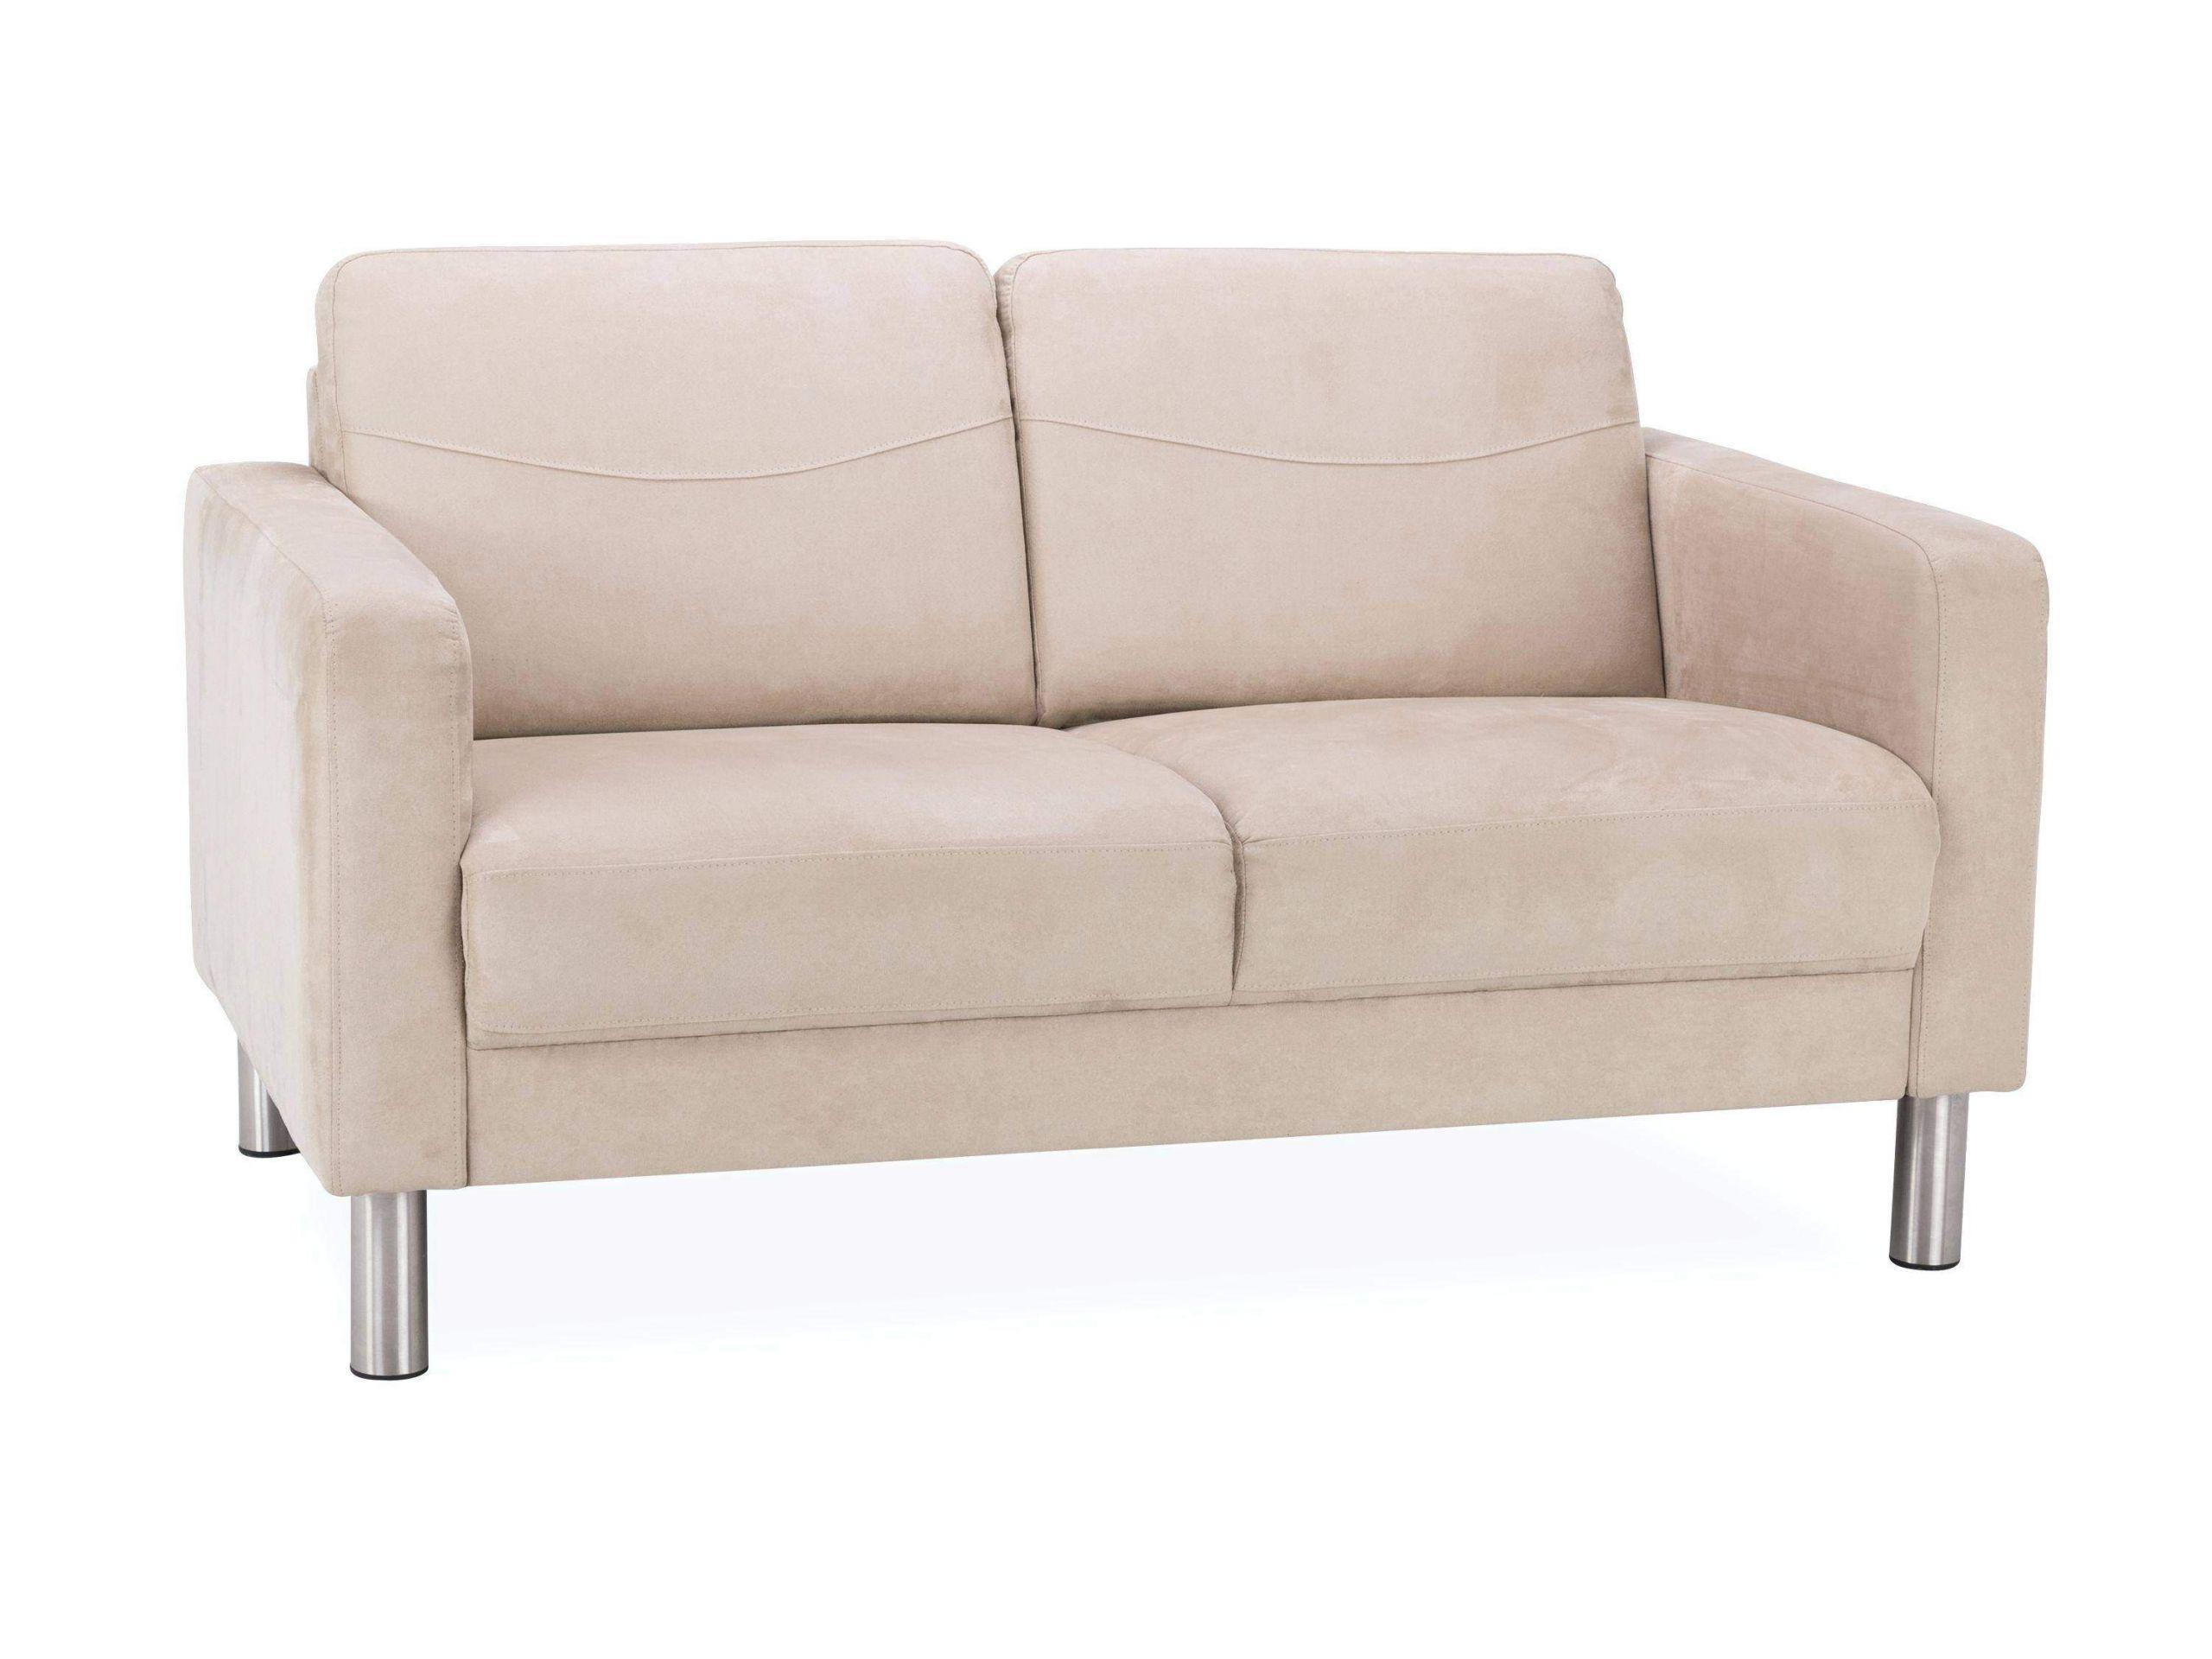 Möbel Ebay Kleinanzeigen